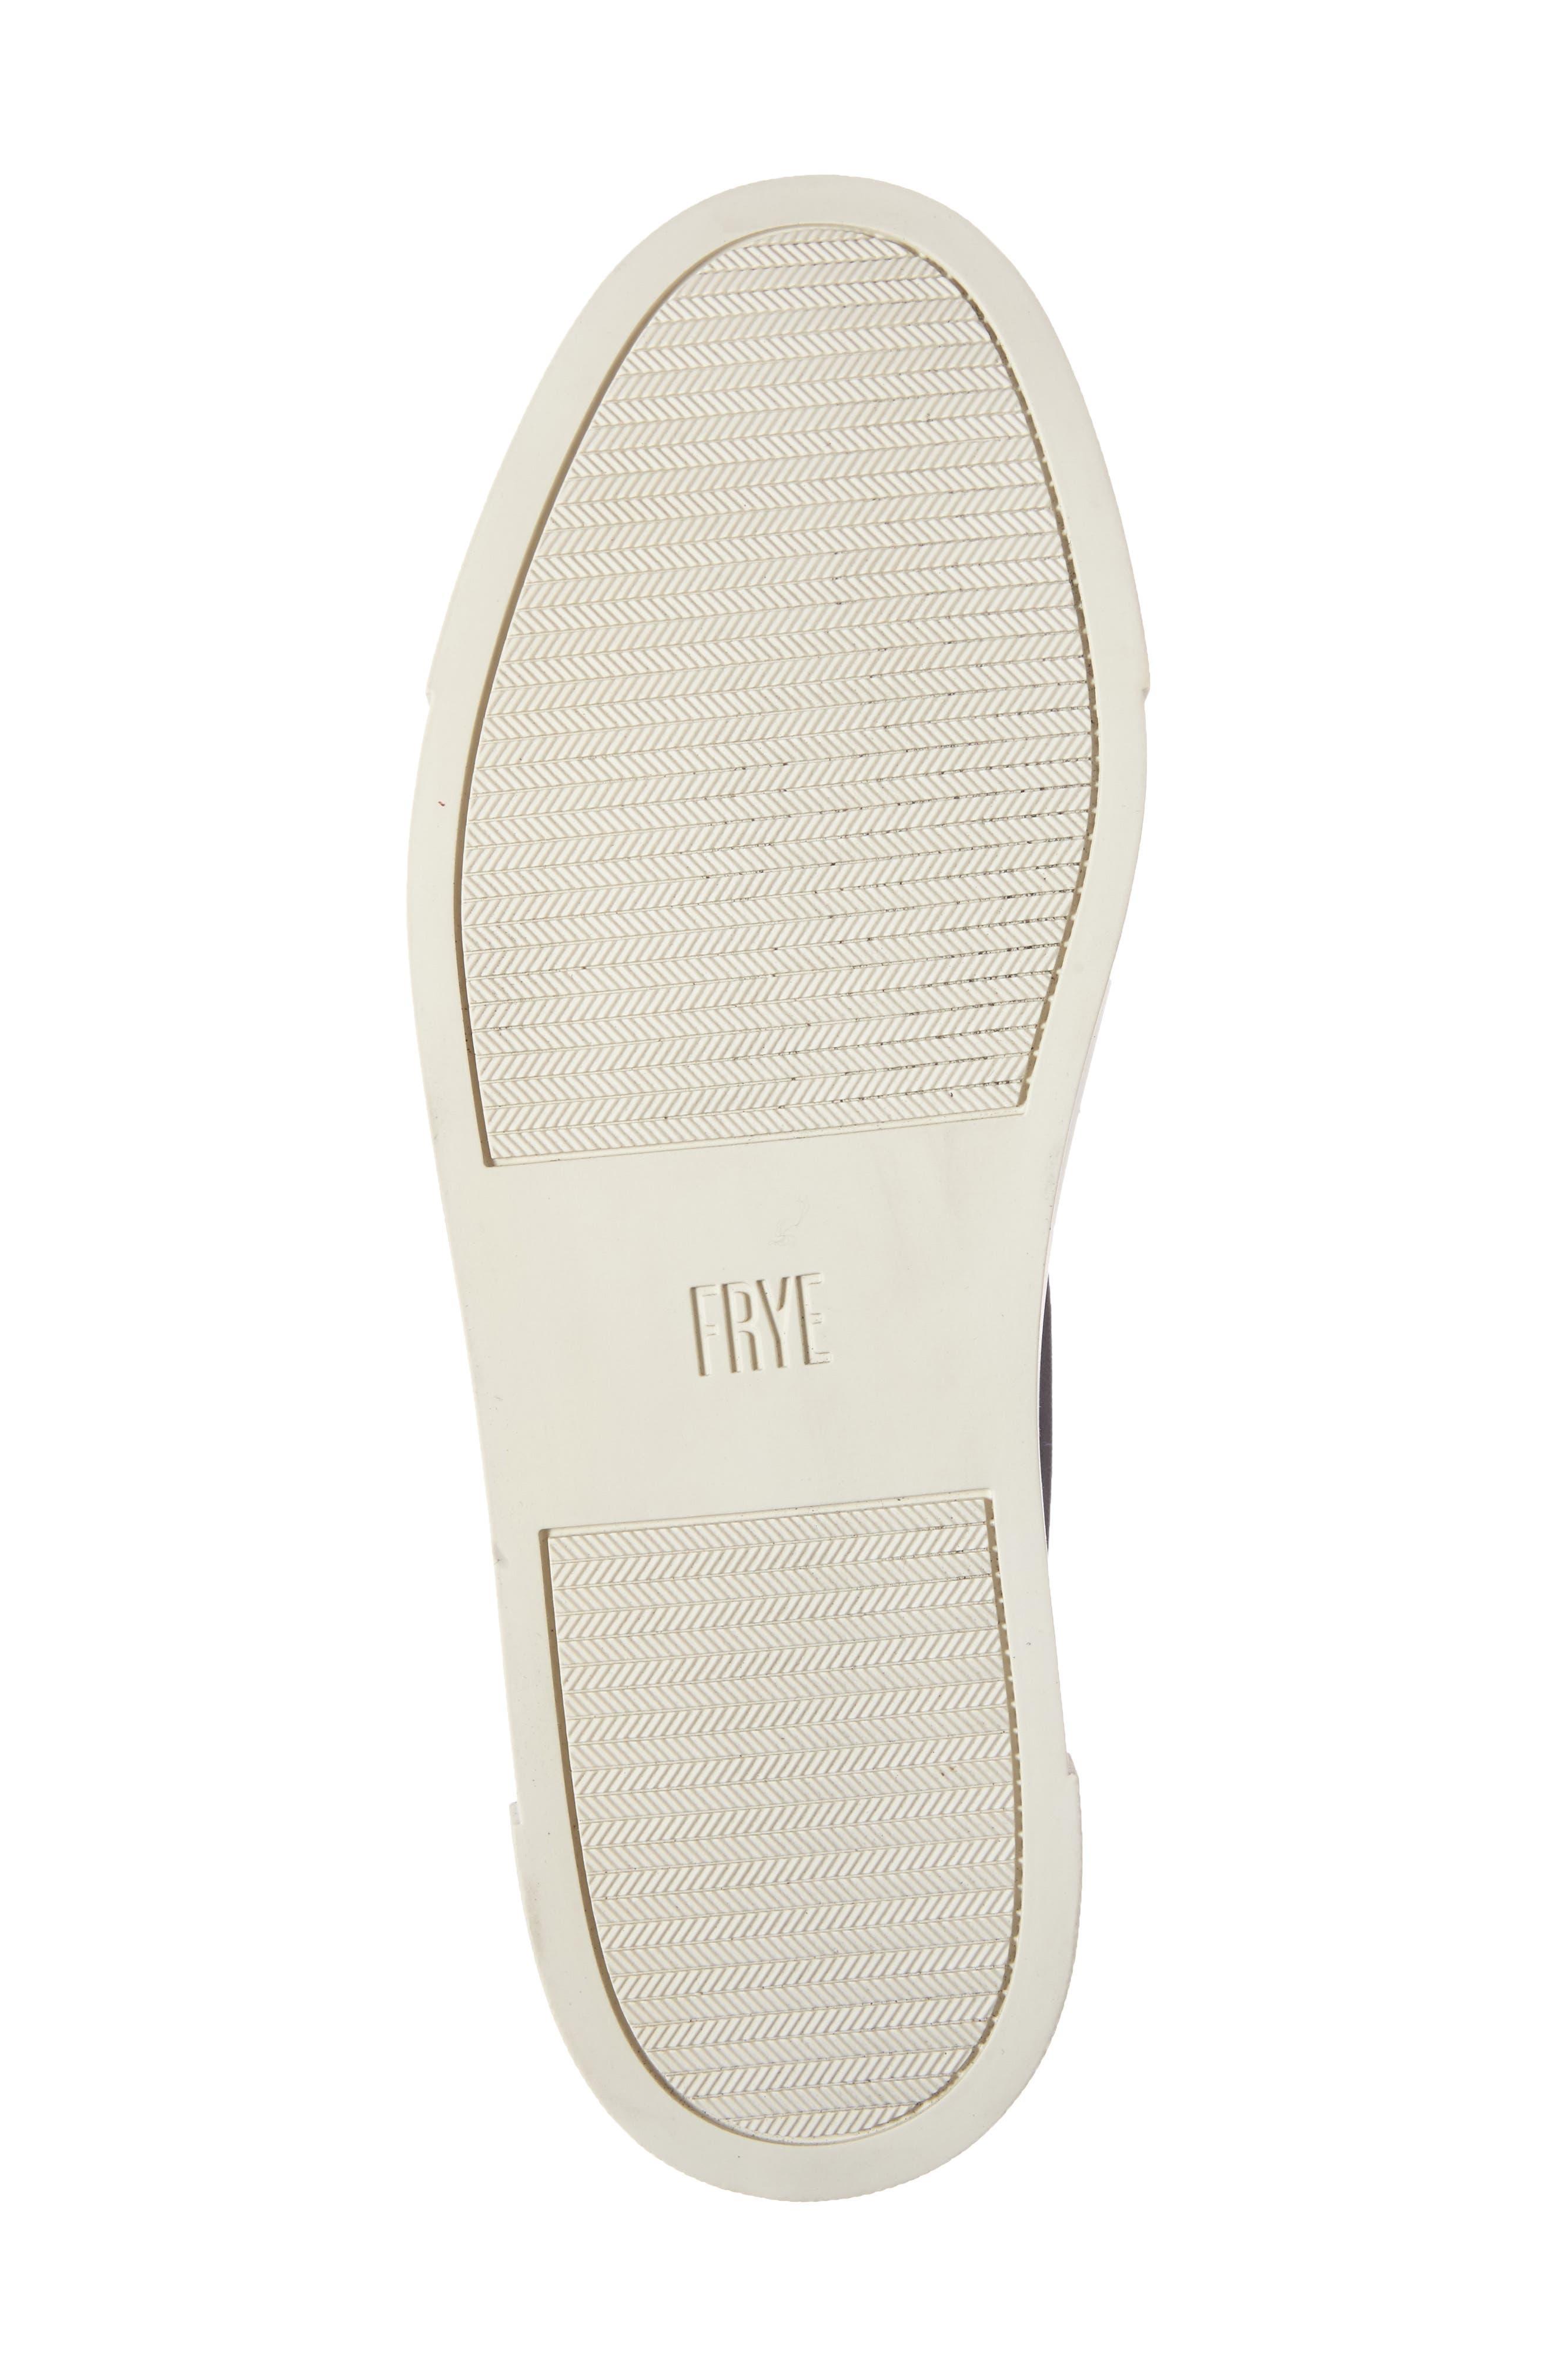 FRYE, Ivy Slip-On Sneaker, Alternate thumbnail 4, color, BLACK/ BLACK